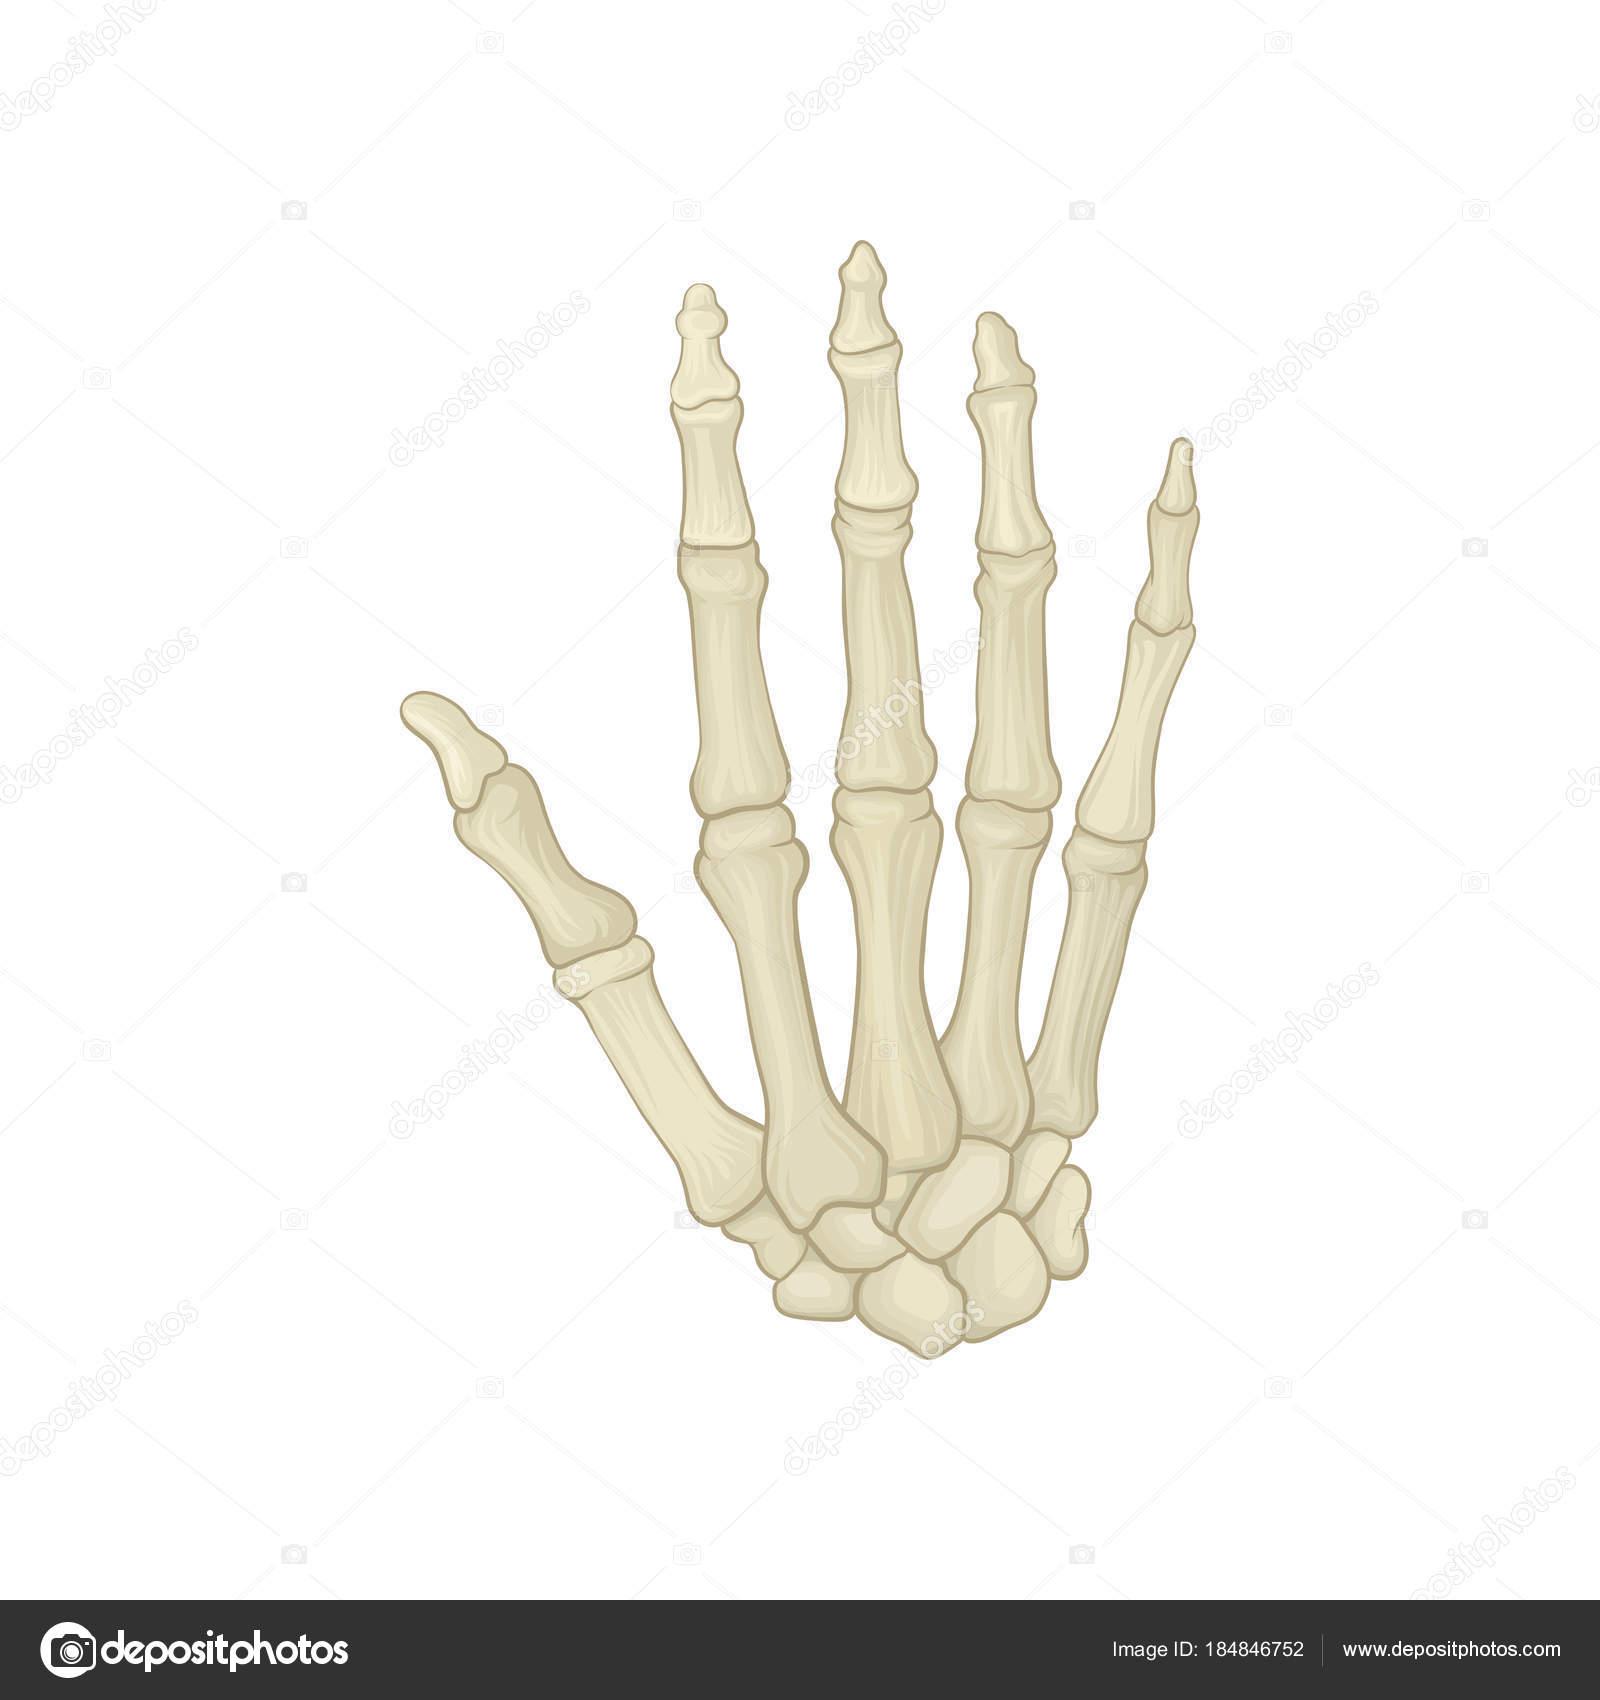 Skelett von Menschenhand. Handwurzelknochen, Mittelhandknochen und ...